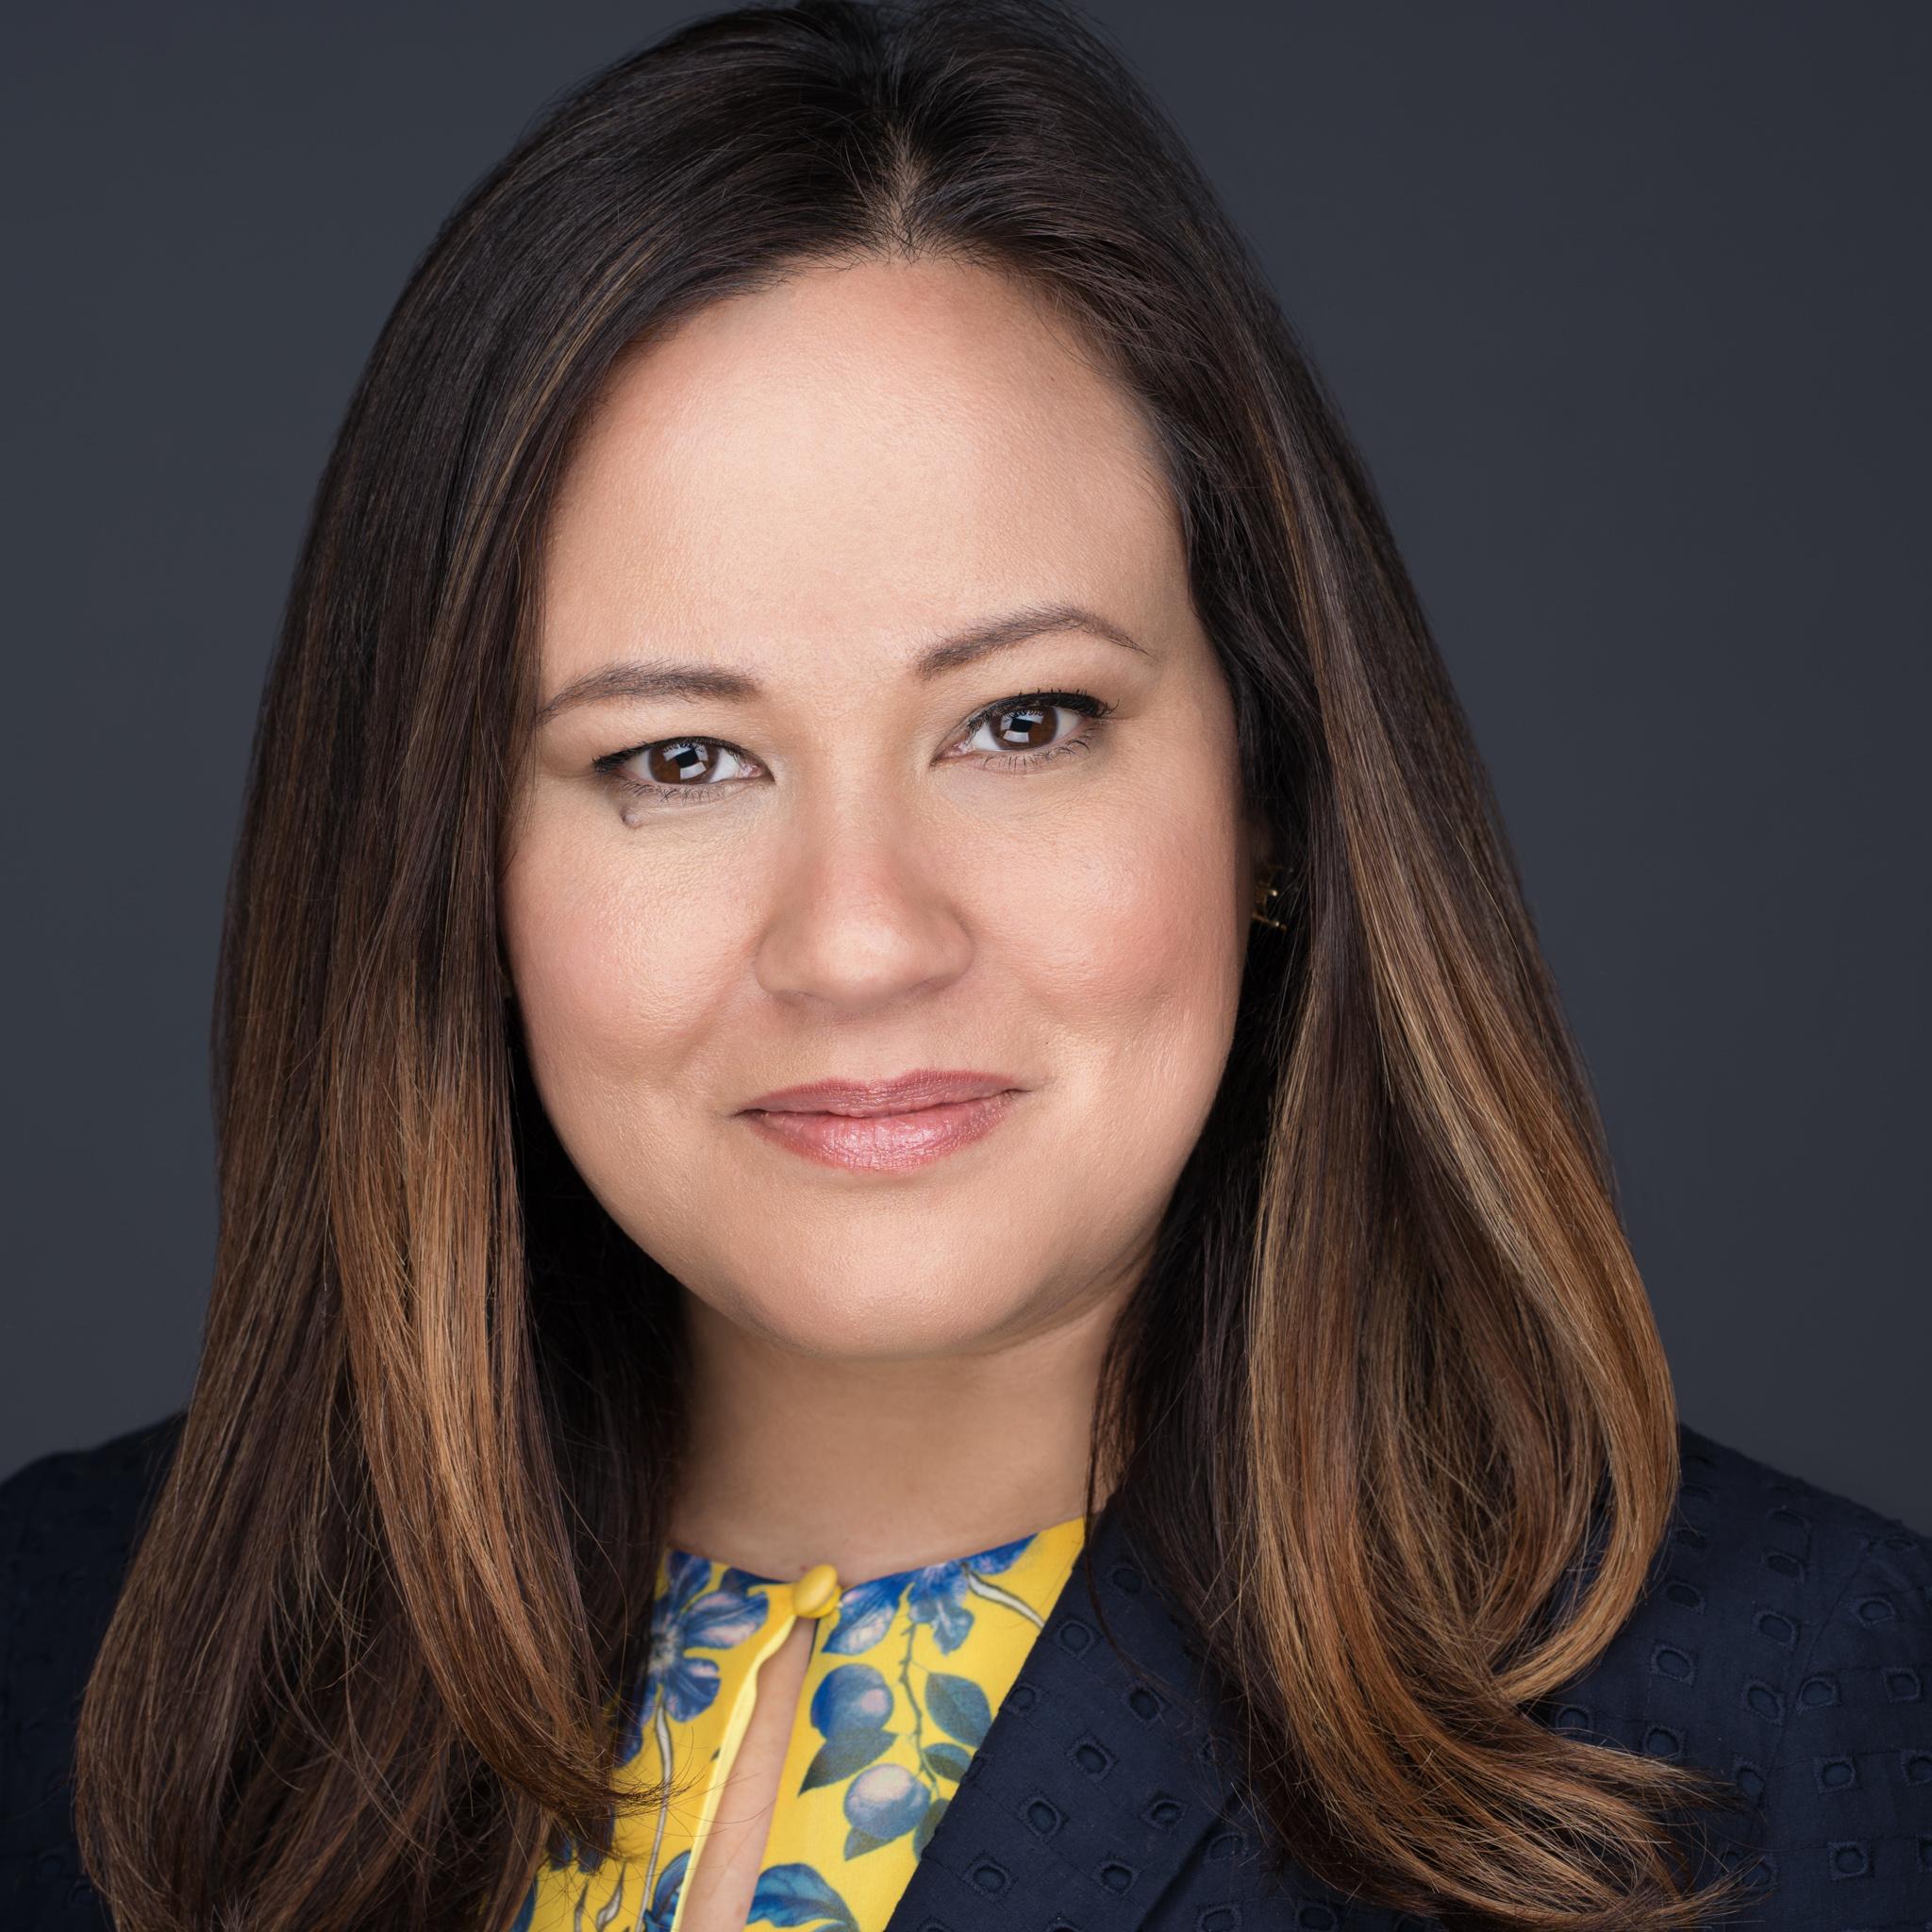 Nicole Belyna